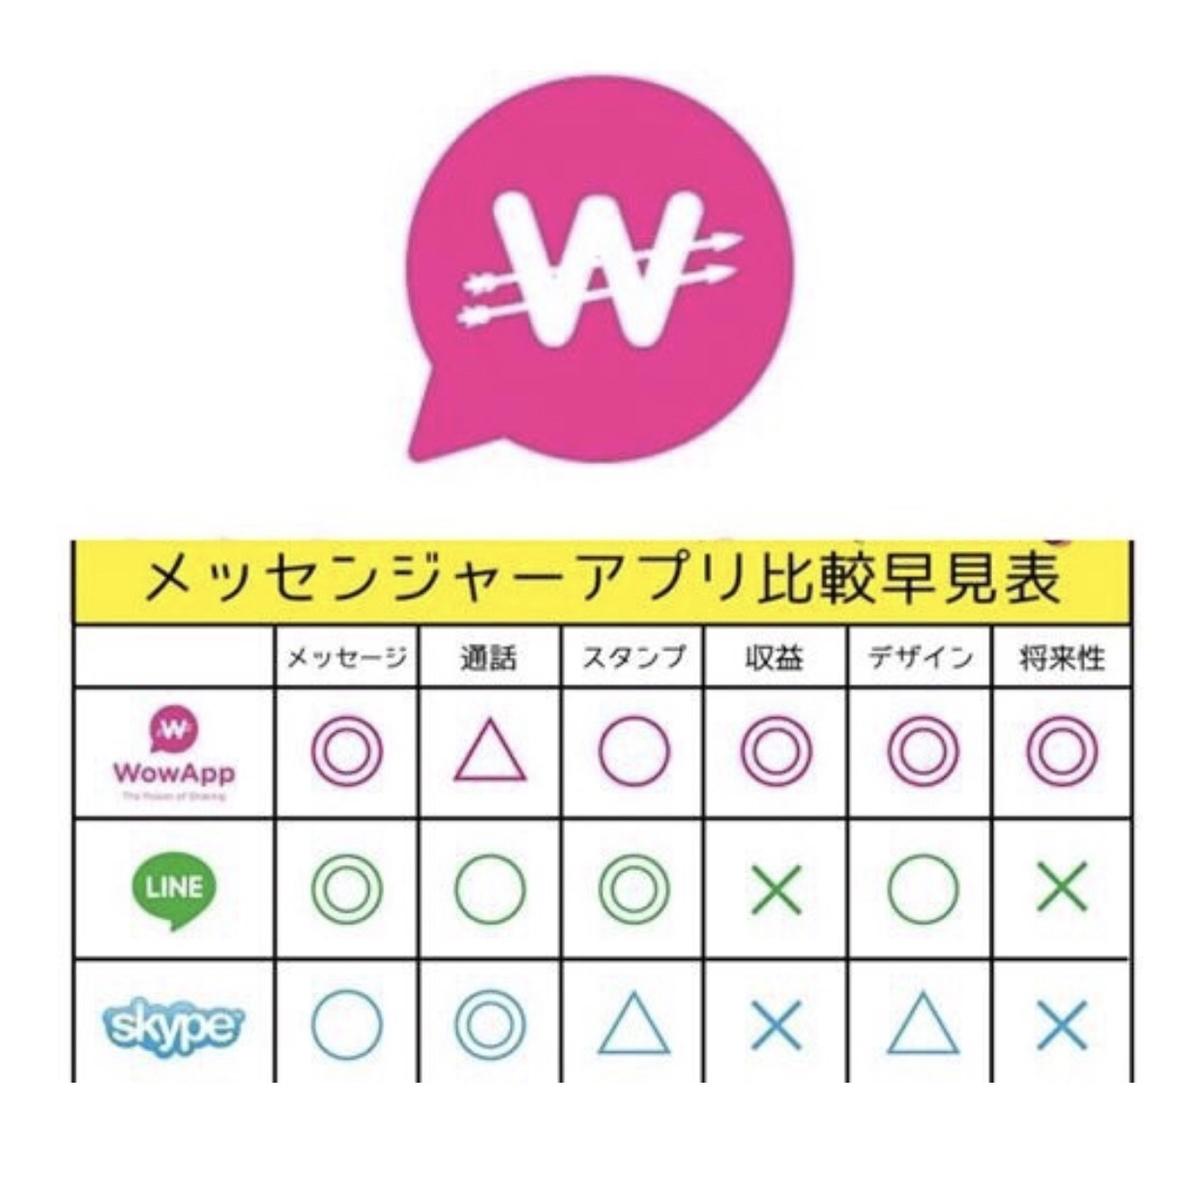 f:id:kaoruikeda:20210727095830j:plain